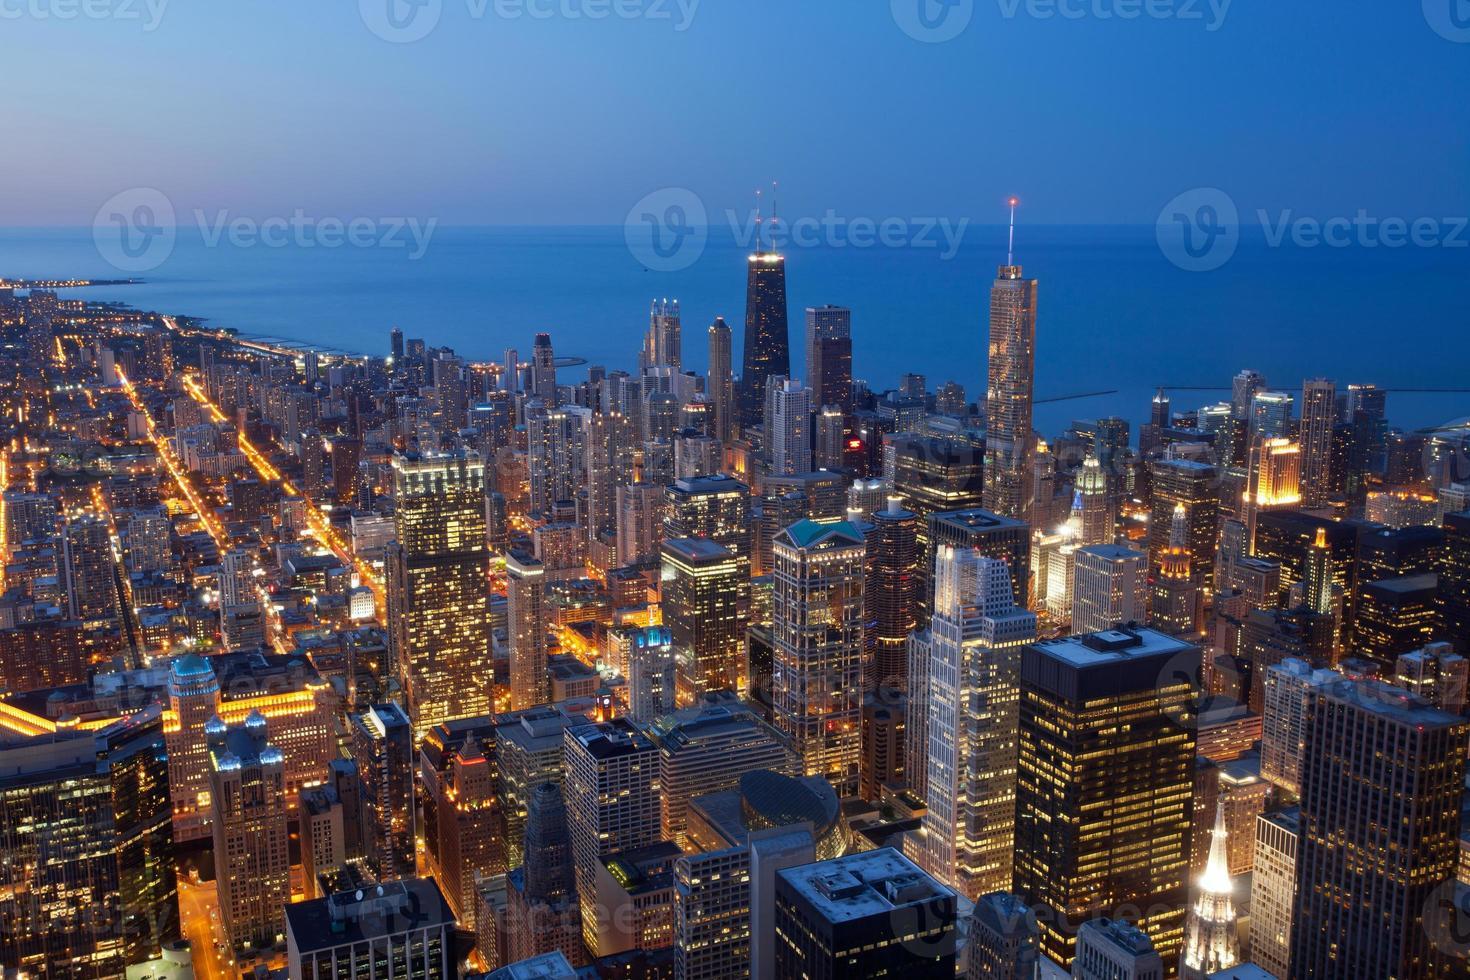 ville de chicago. photo